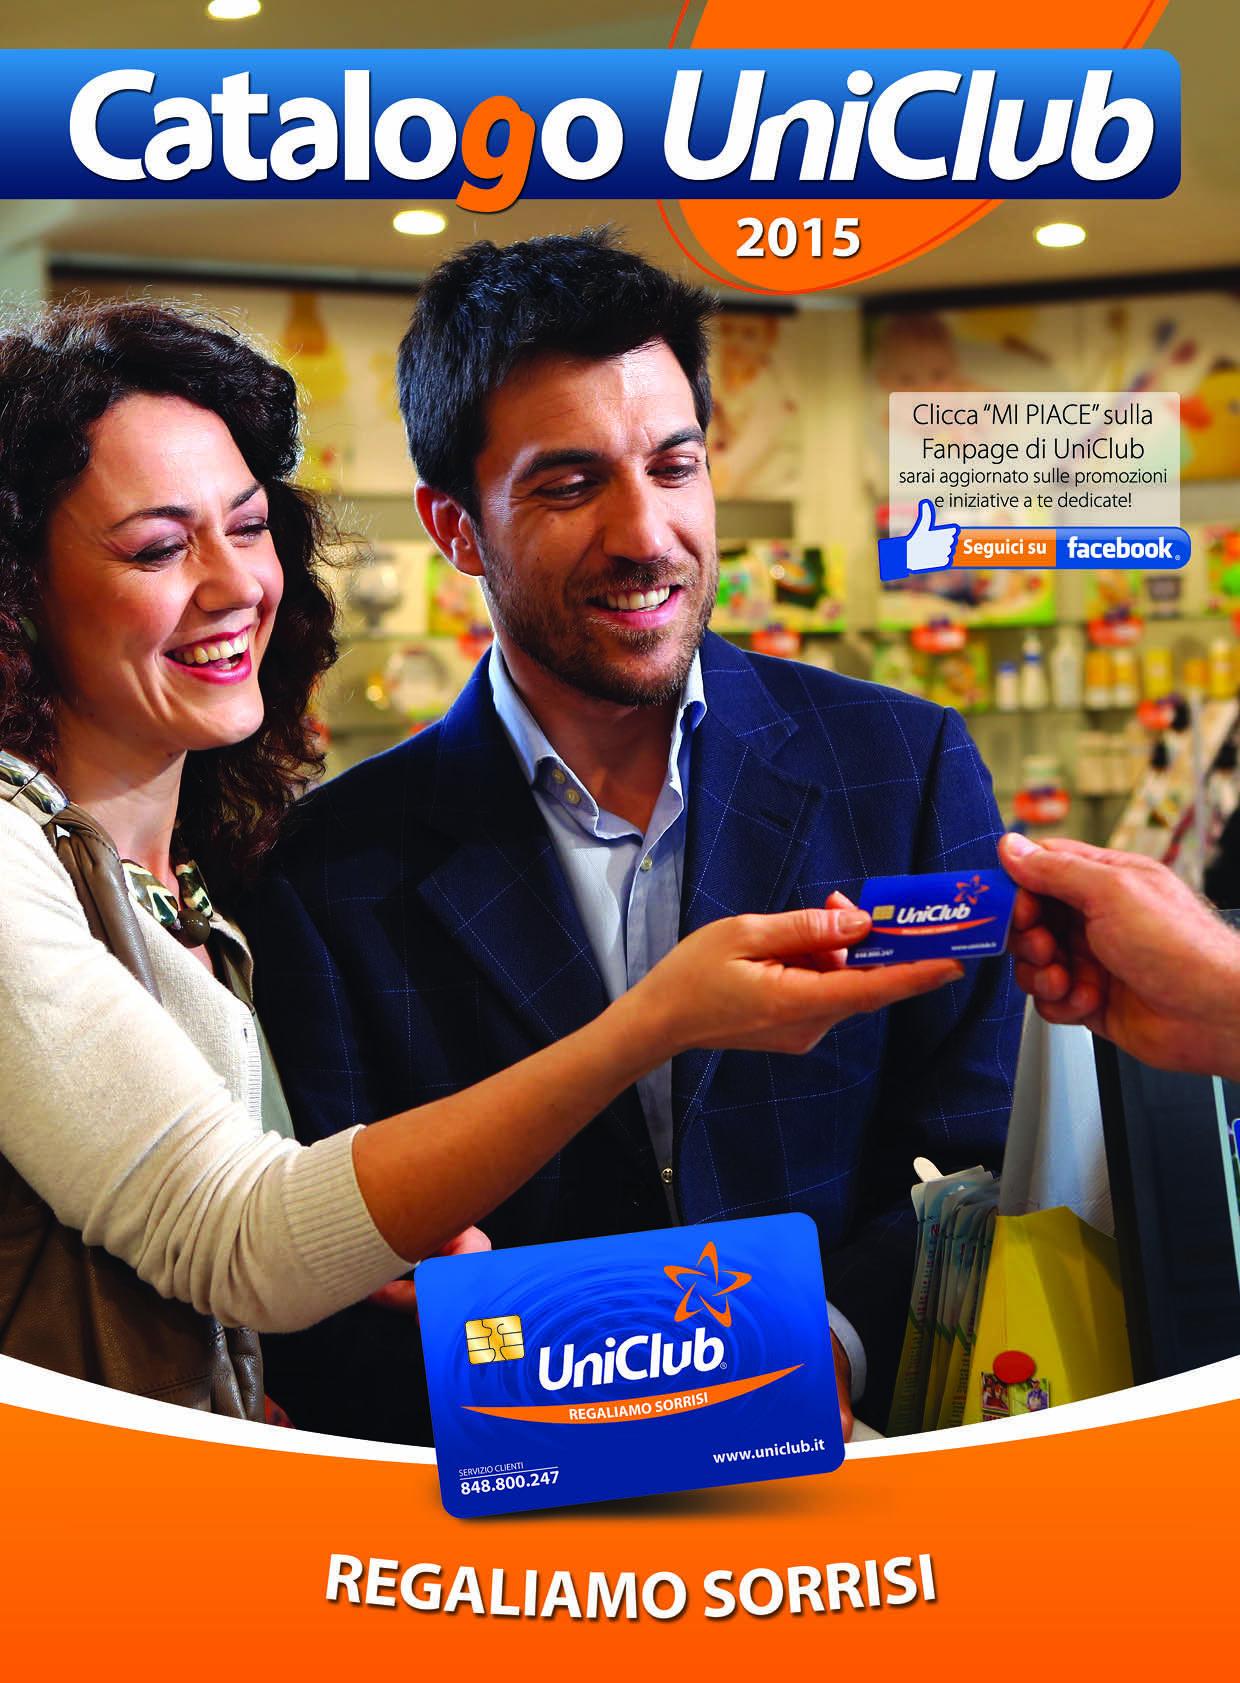 """Regaliamo Sorrisi, come? Attraverso l'emozione di un regalo che UniClub ti concede grazie alla card, realizzando velocemente il tuo """"sogno"""" con premi sempre più belli e prestigiosi. Grazie al concorso SuperVinci, UniClub ti permette, inoltre, di vincere subito ulteriori premi."""